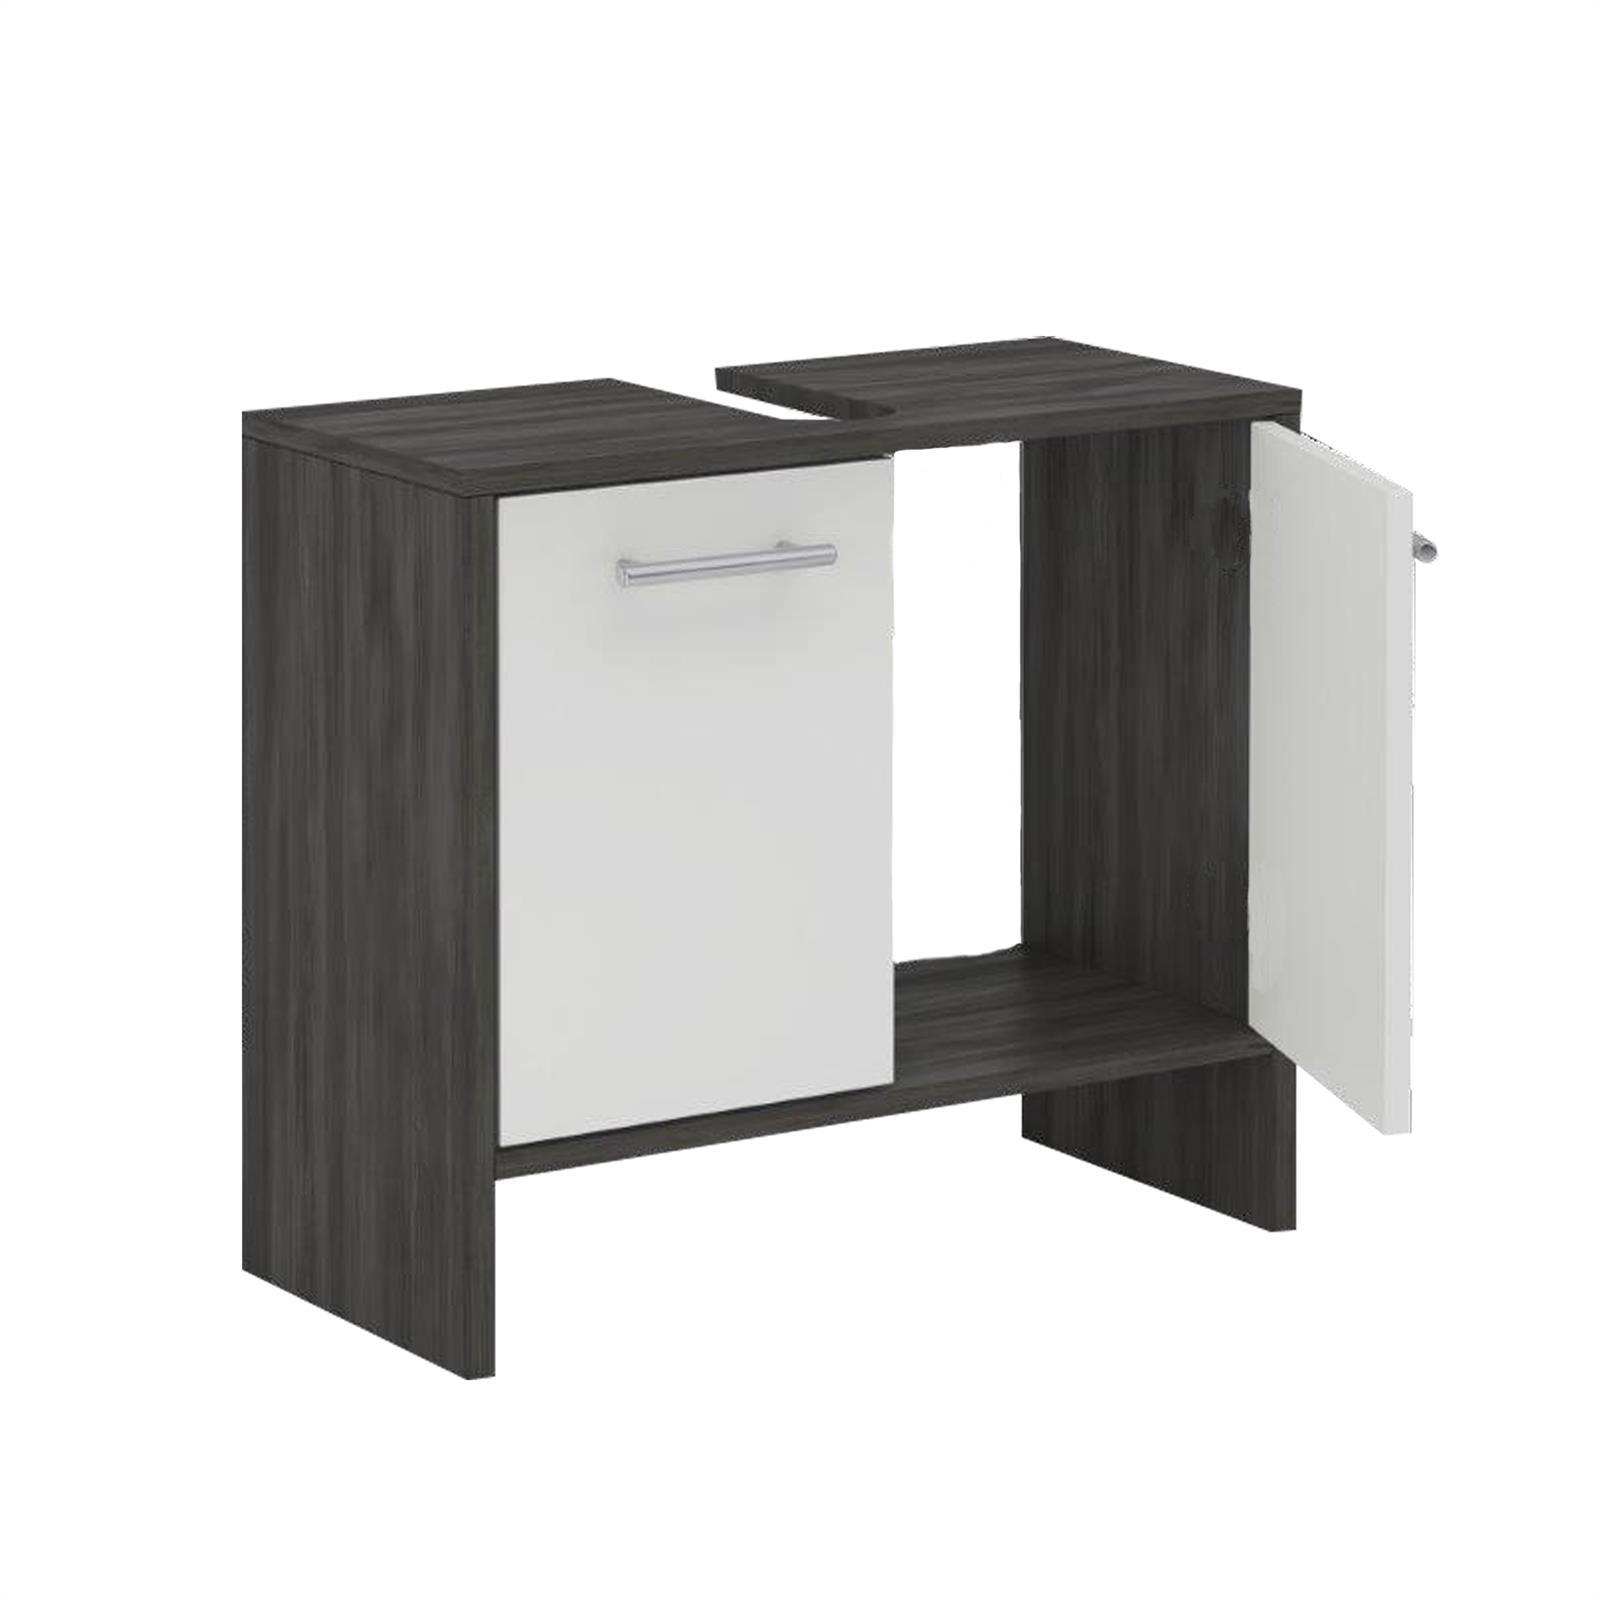 unterschrank kuche 55 cm breit. Black Bedroom Furniture Sets. Home Design Ideas